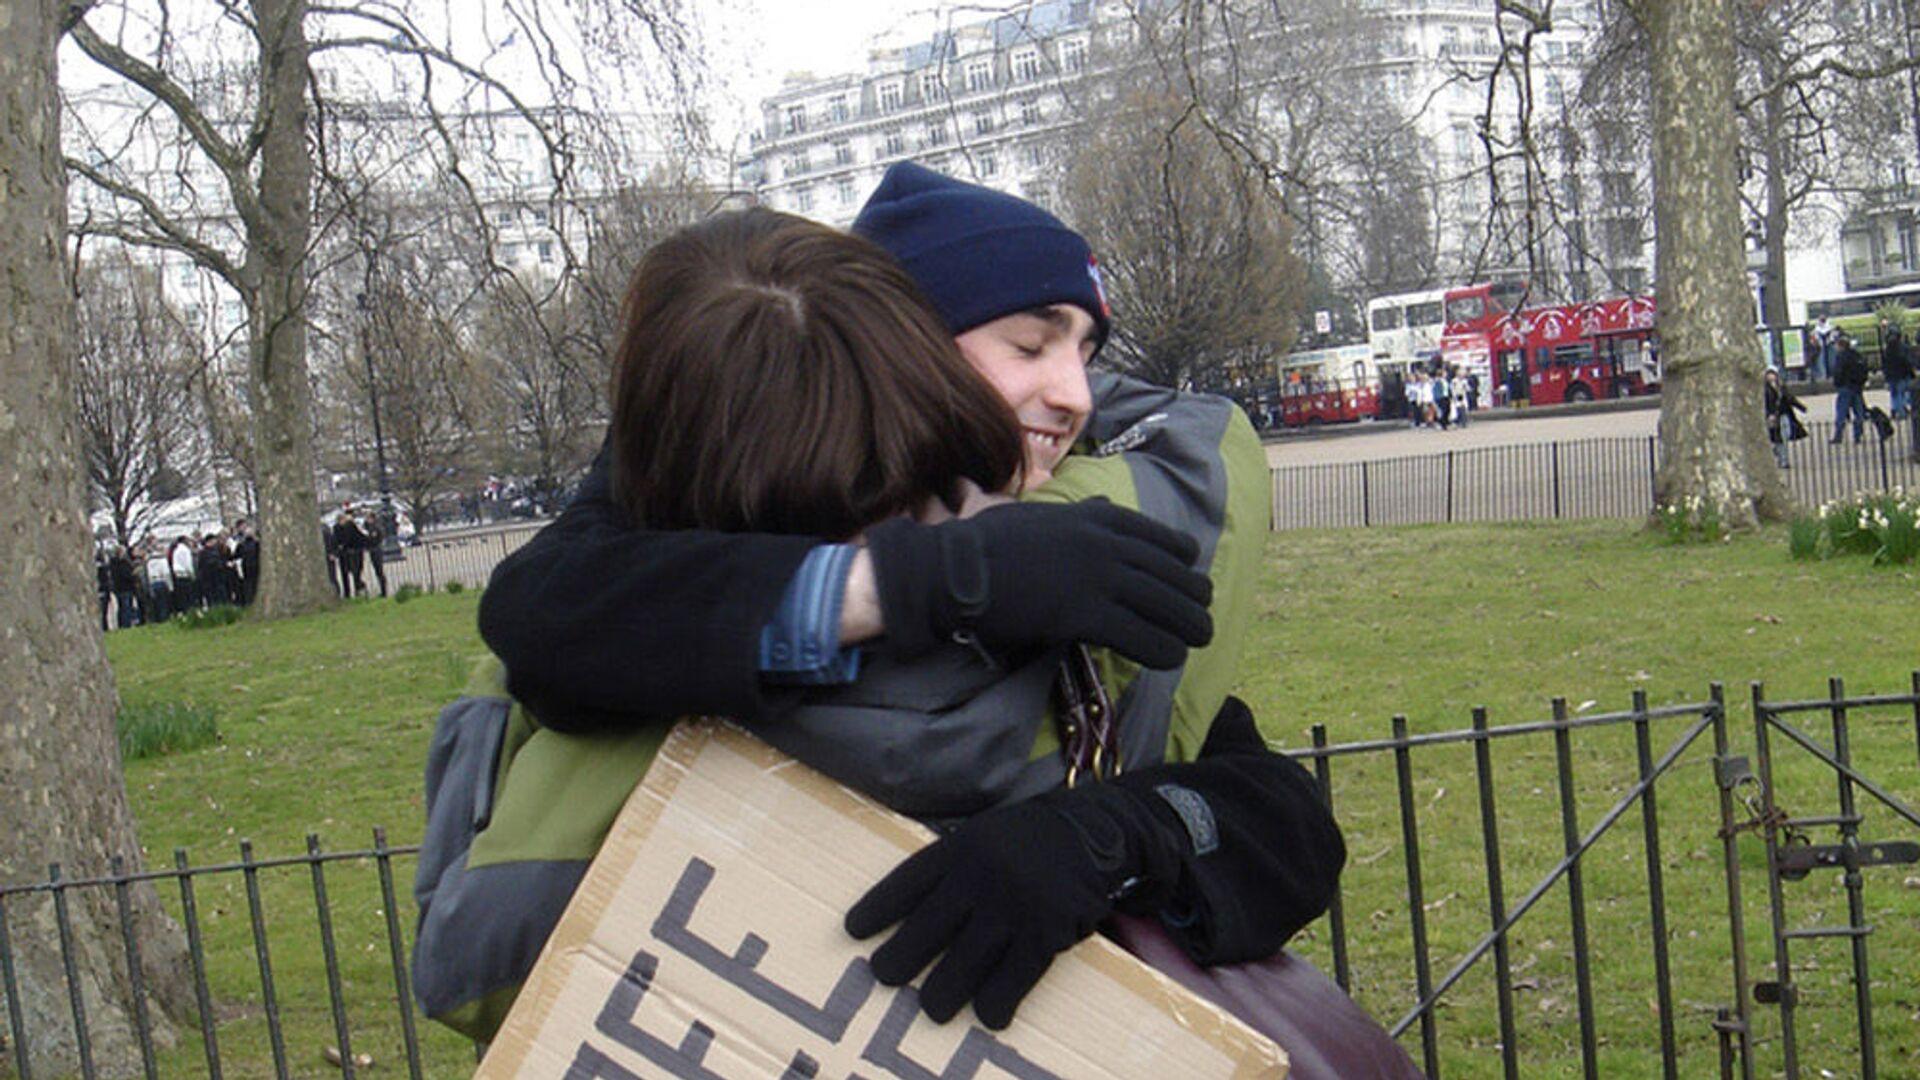 Участники движения Free Hugs в Гайд-парке, Лондон - Sputnik Italia, 1920, 26.07.2021